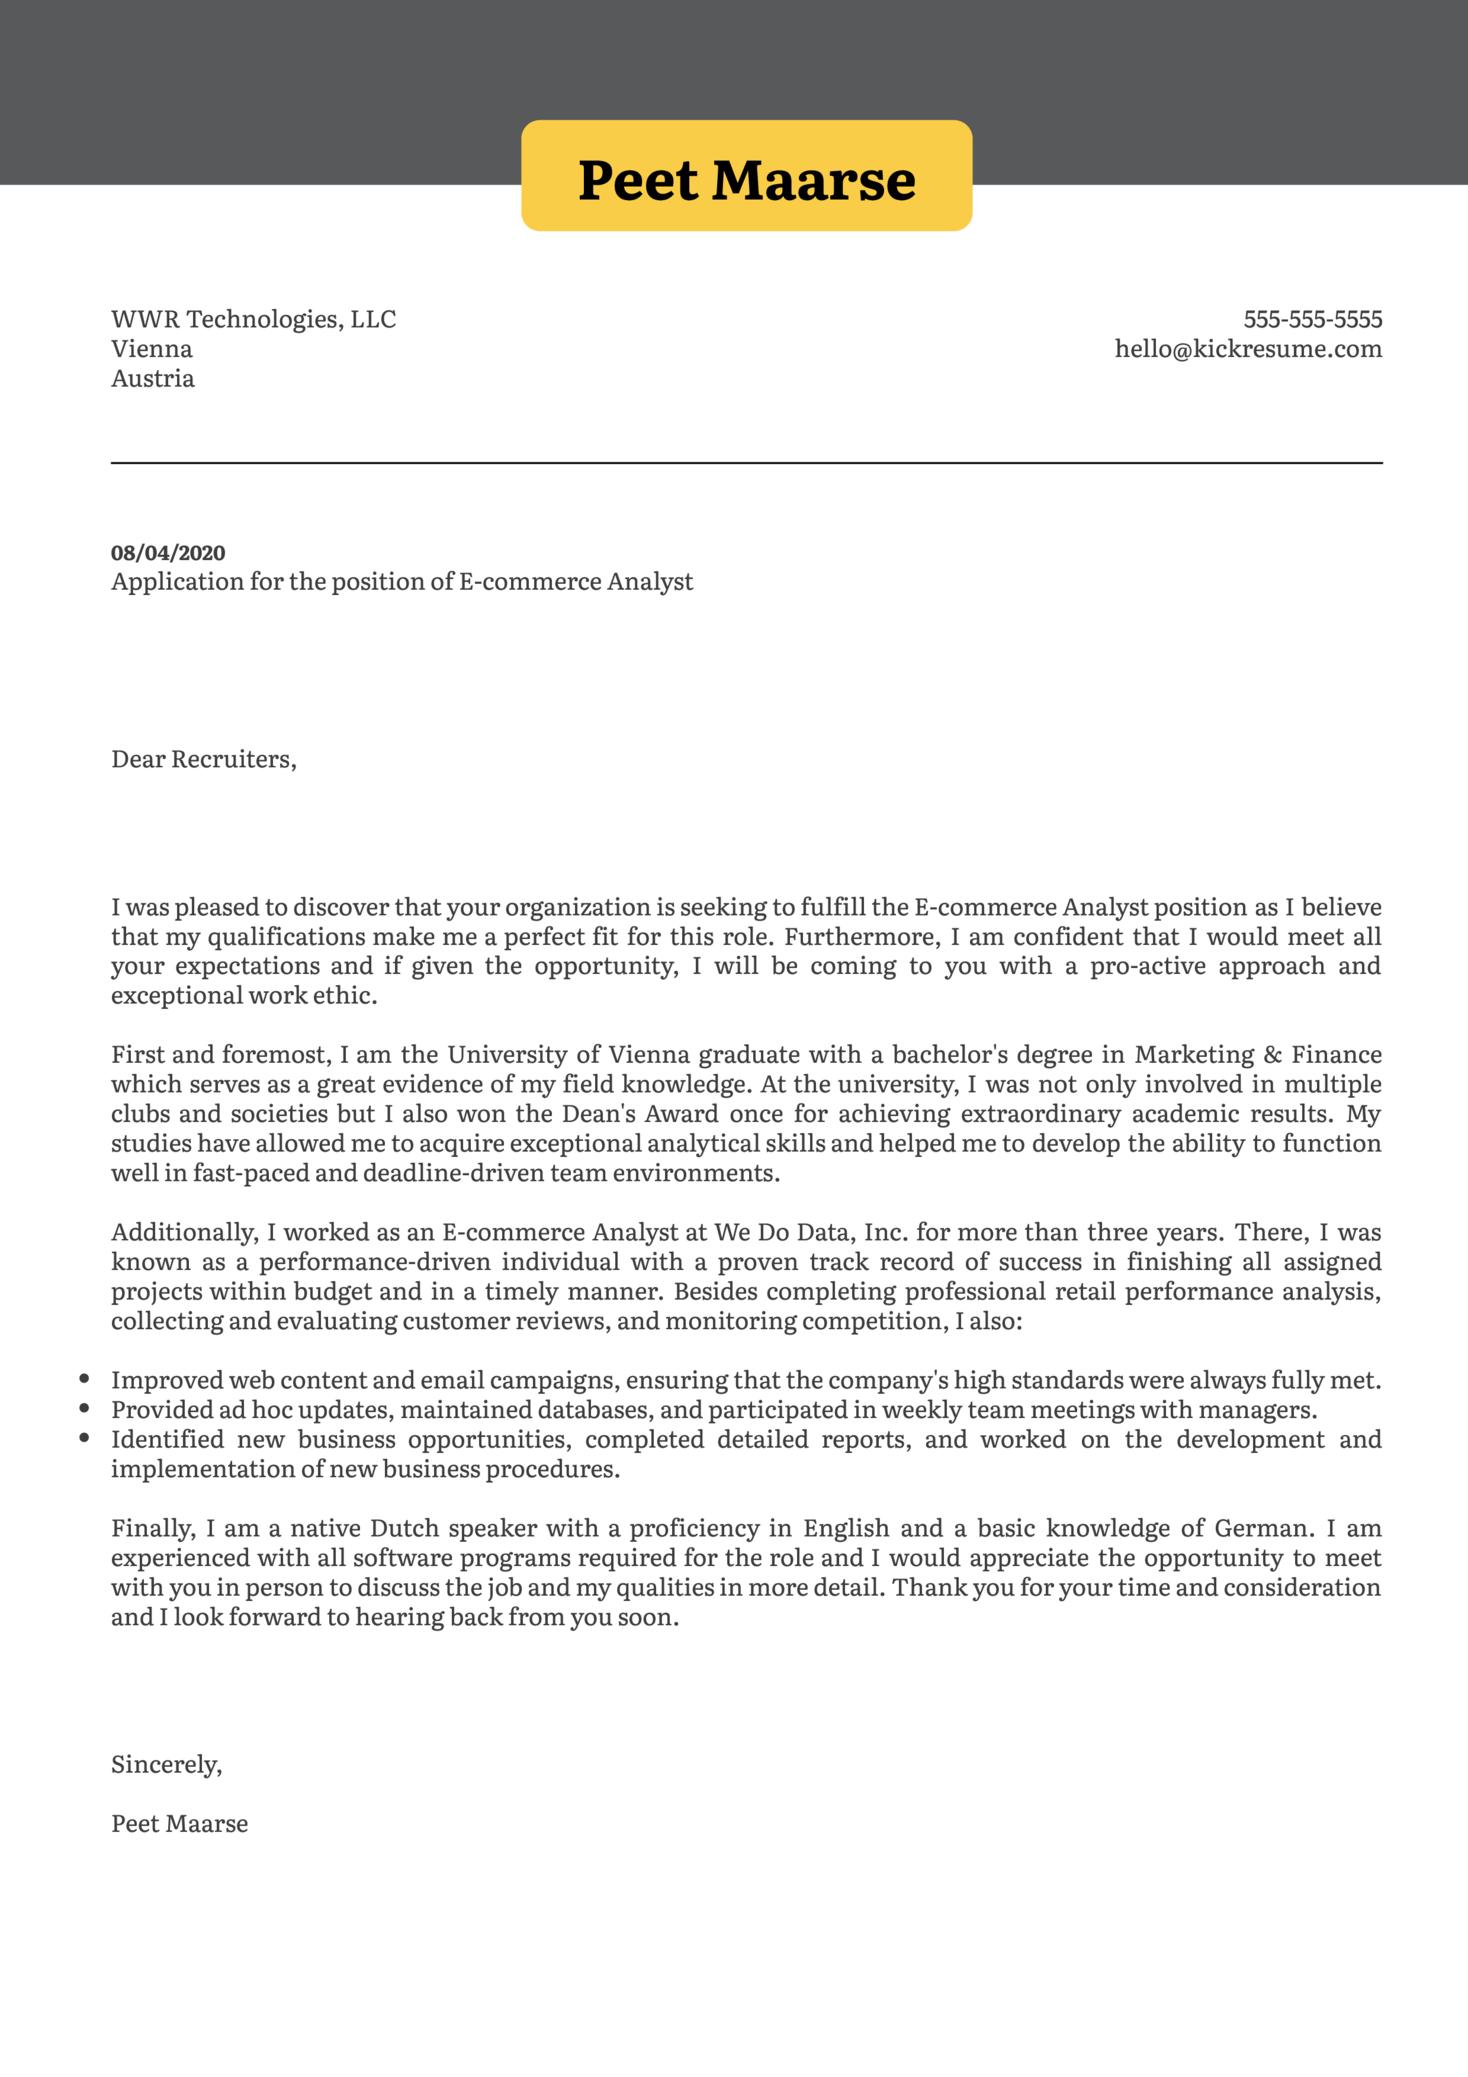 E commerce Analyst Cover Letter Sample   Kickresume